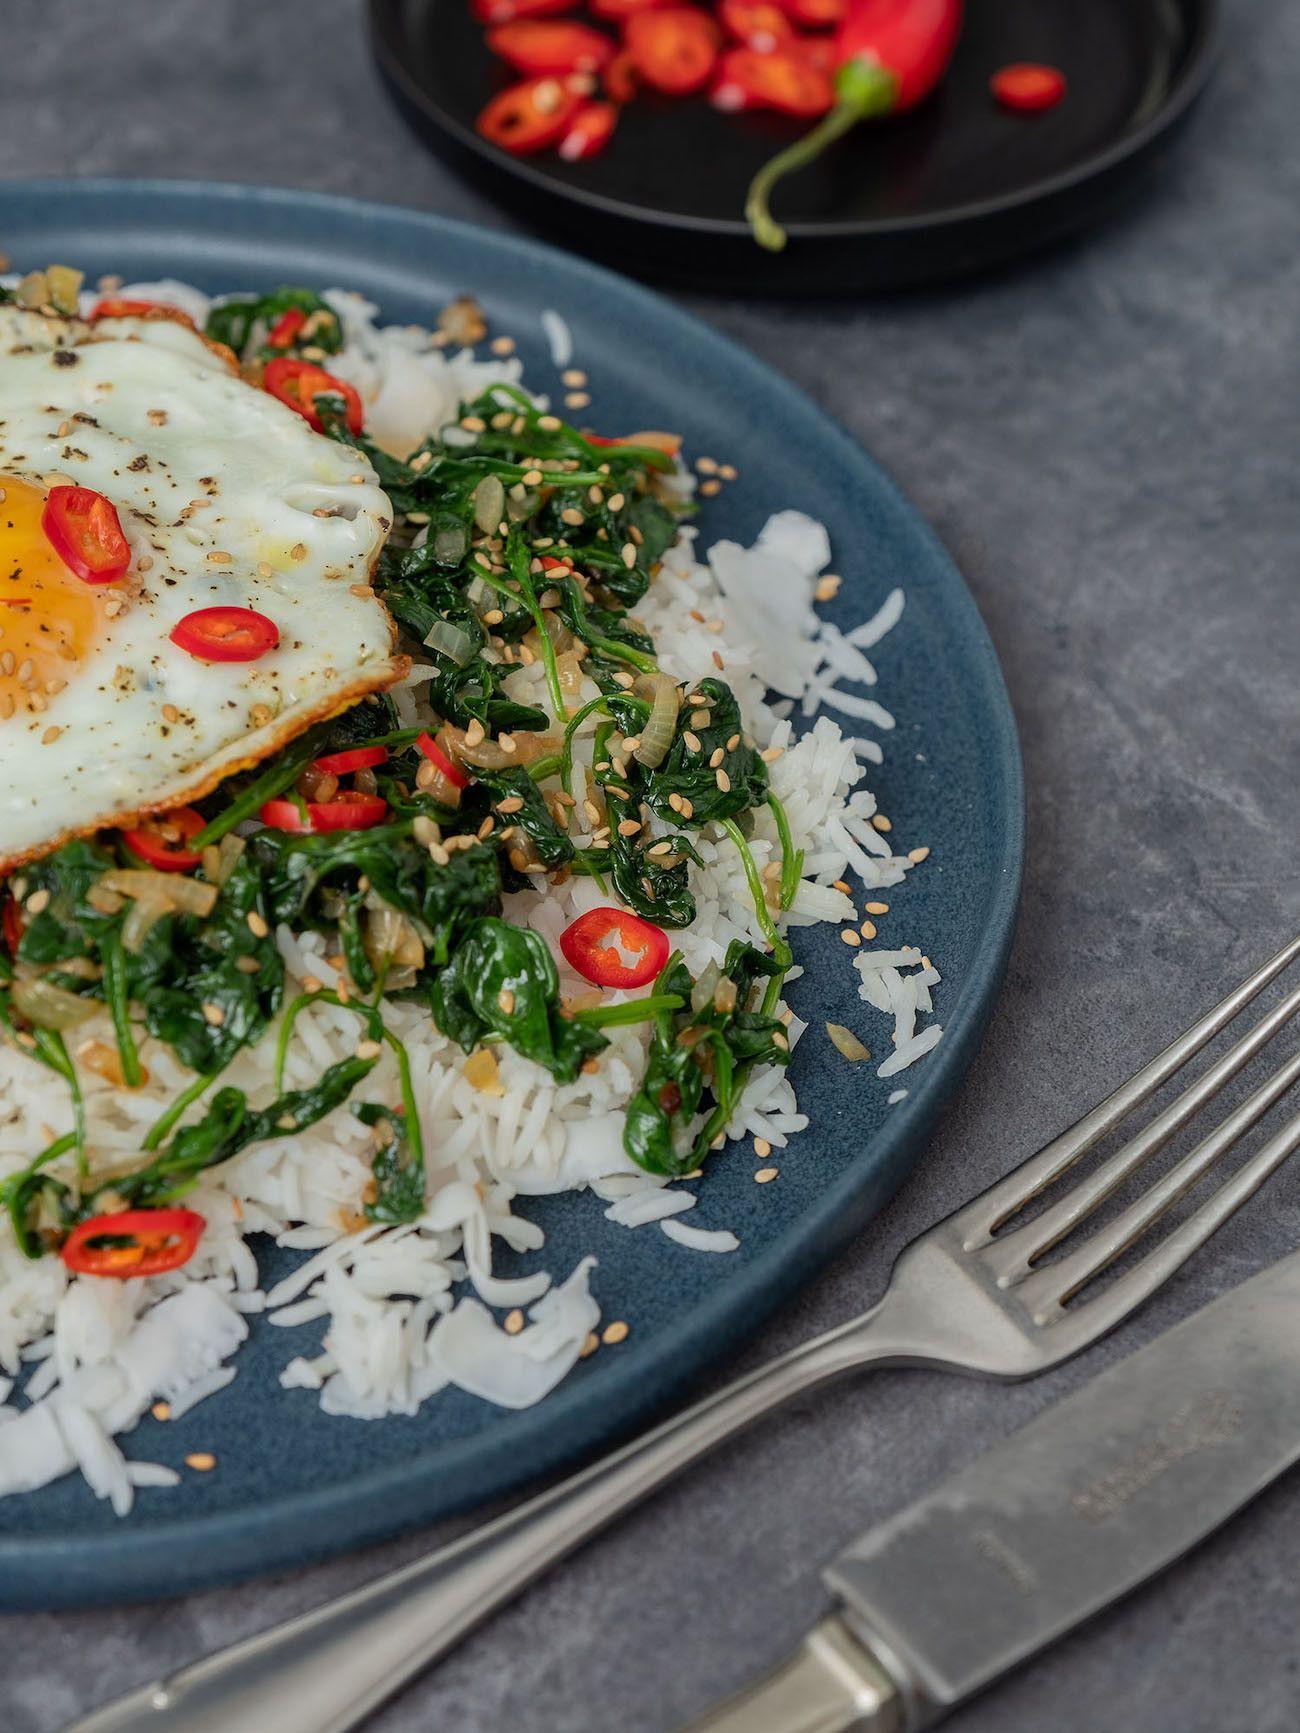 Foodblog About Fuel, Rezept Kokosreis mit Sesam-Spinat und Spigelei, Gabel, Chili, Messer